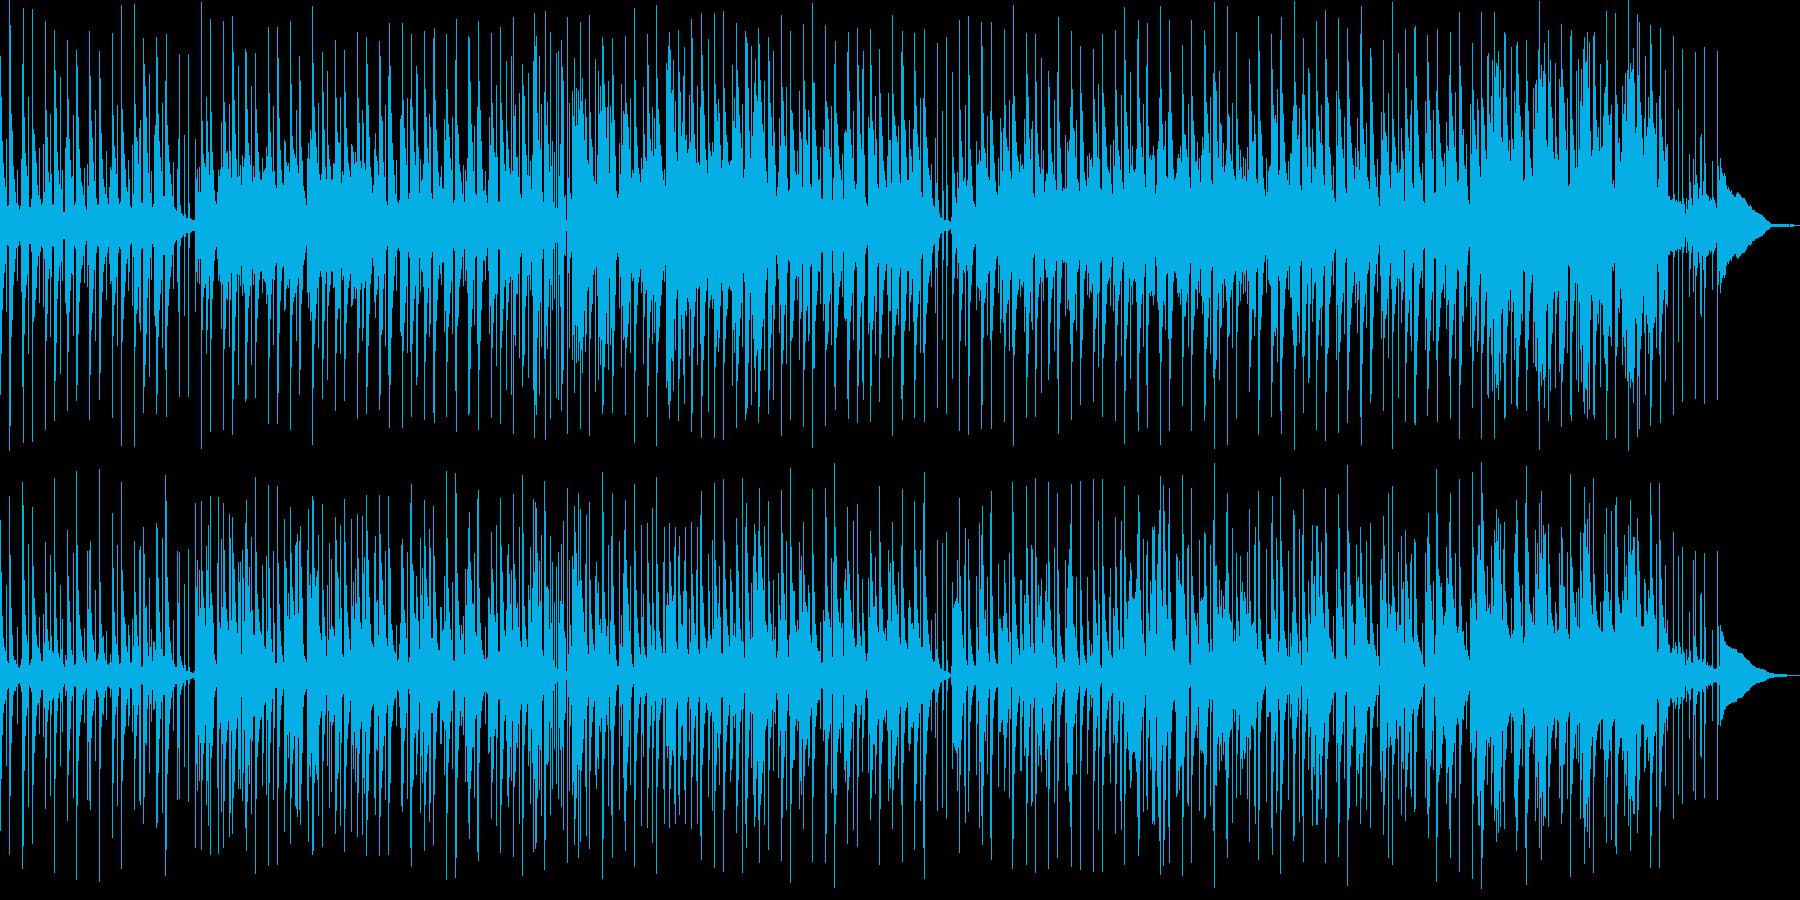 なにげない休日のひとこまをイメージして…の再生済みの波形